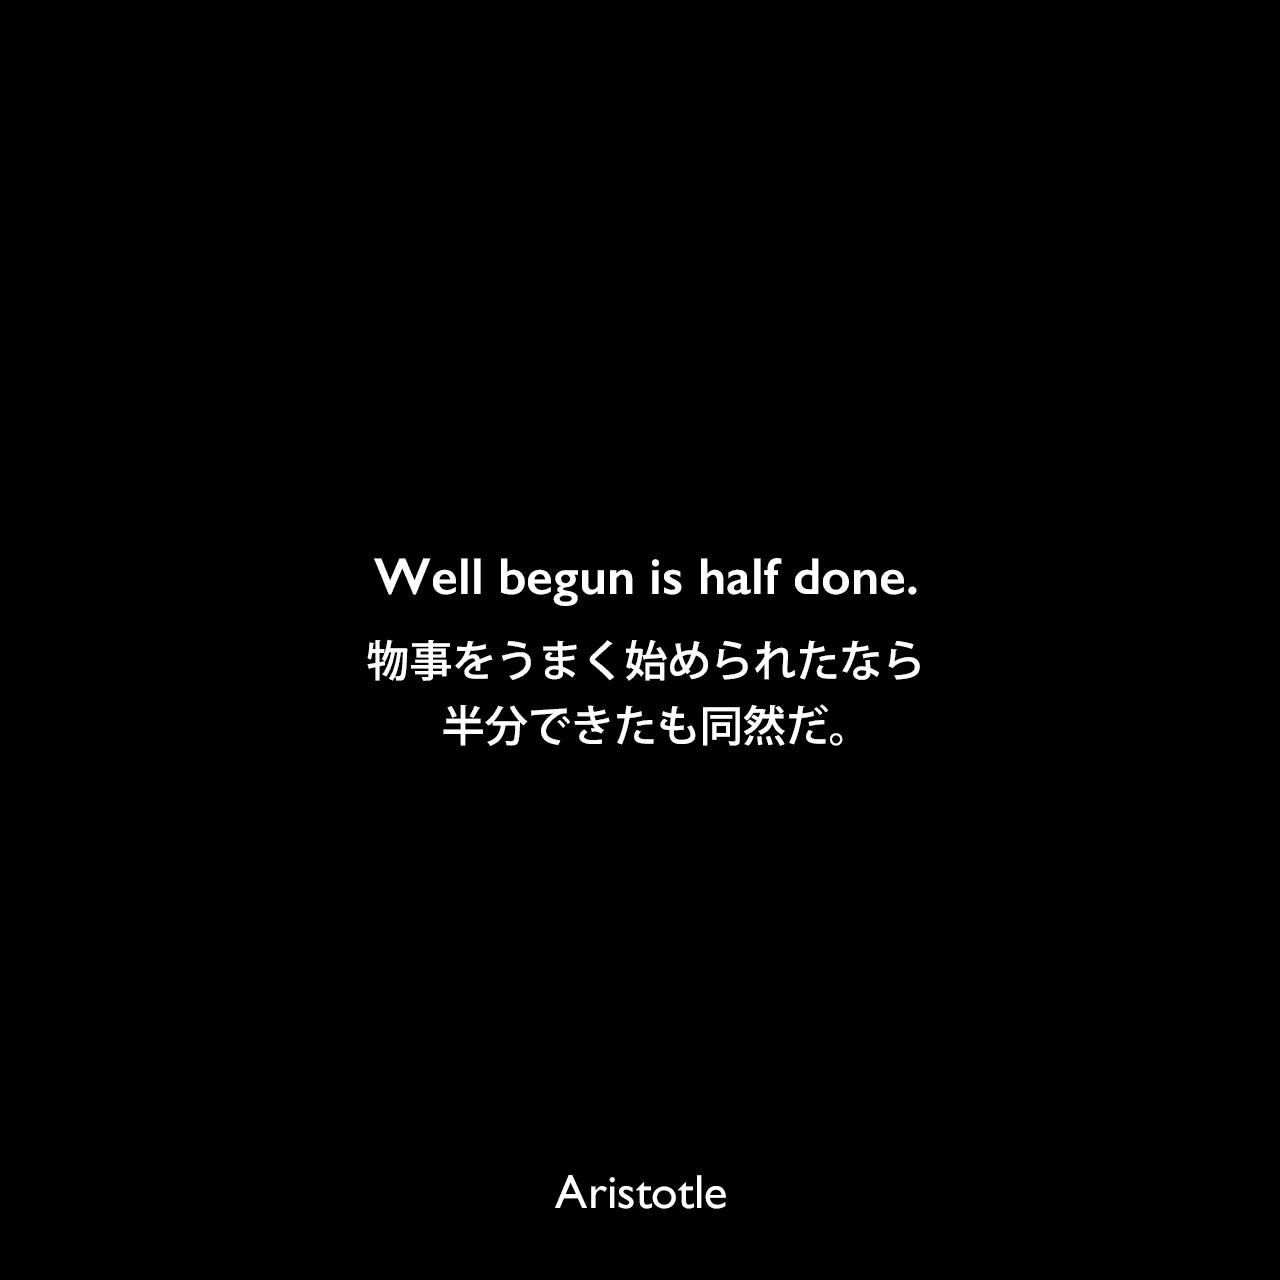 Well begun is half done.物事をうまく始められたなら、半分できたも同然だ。- アリストテレスの著書「政治学」よりAristotle